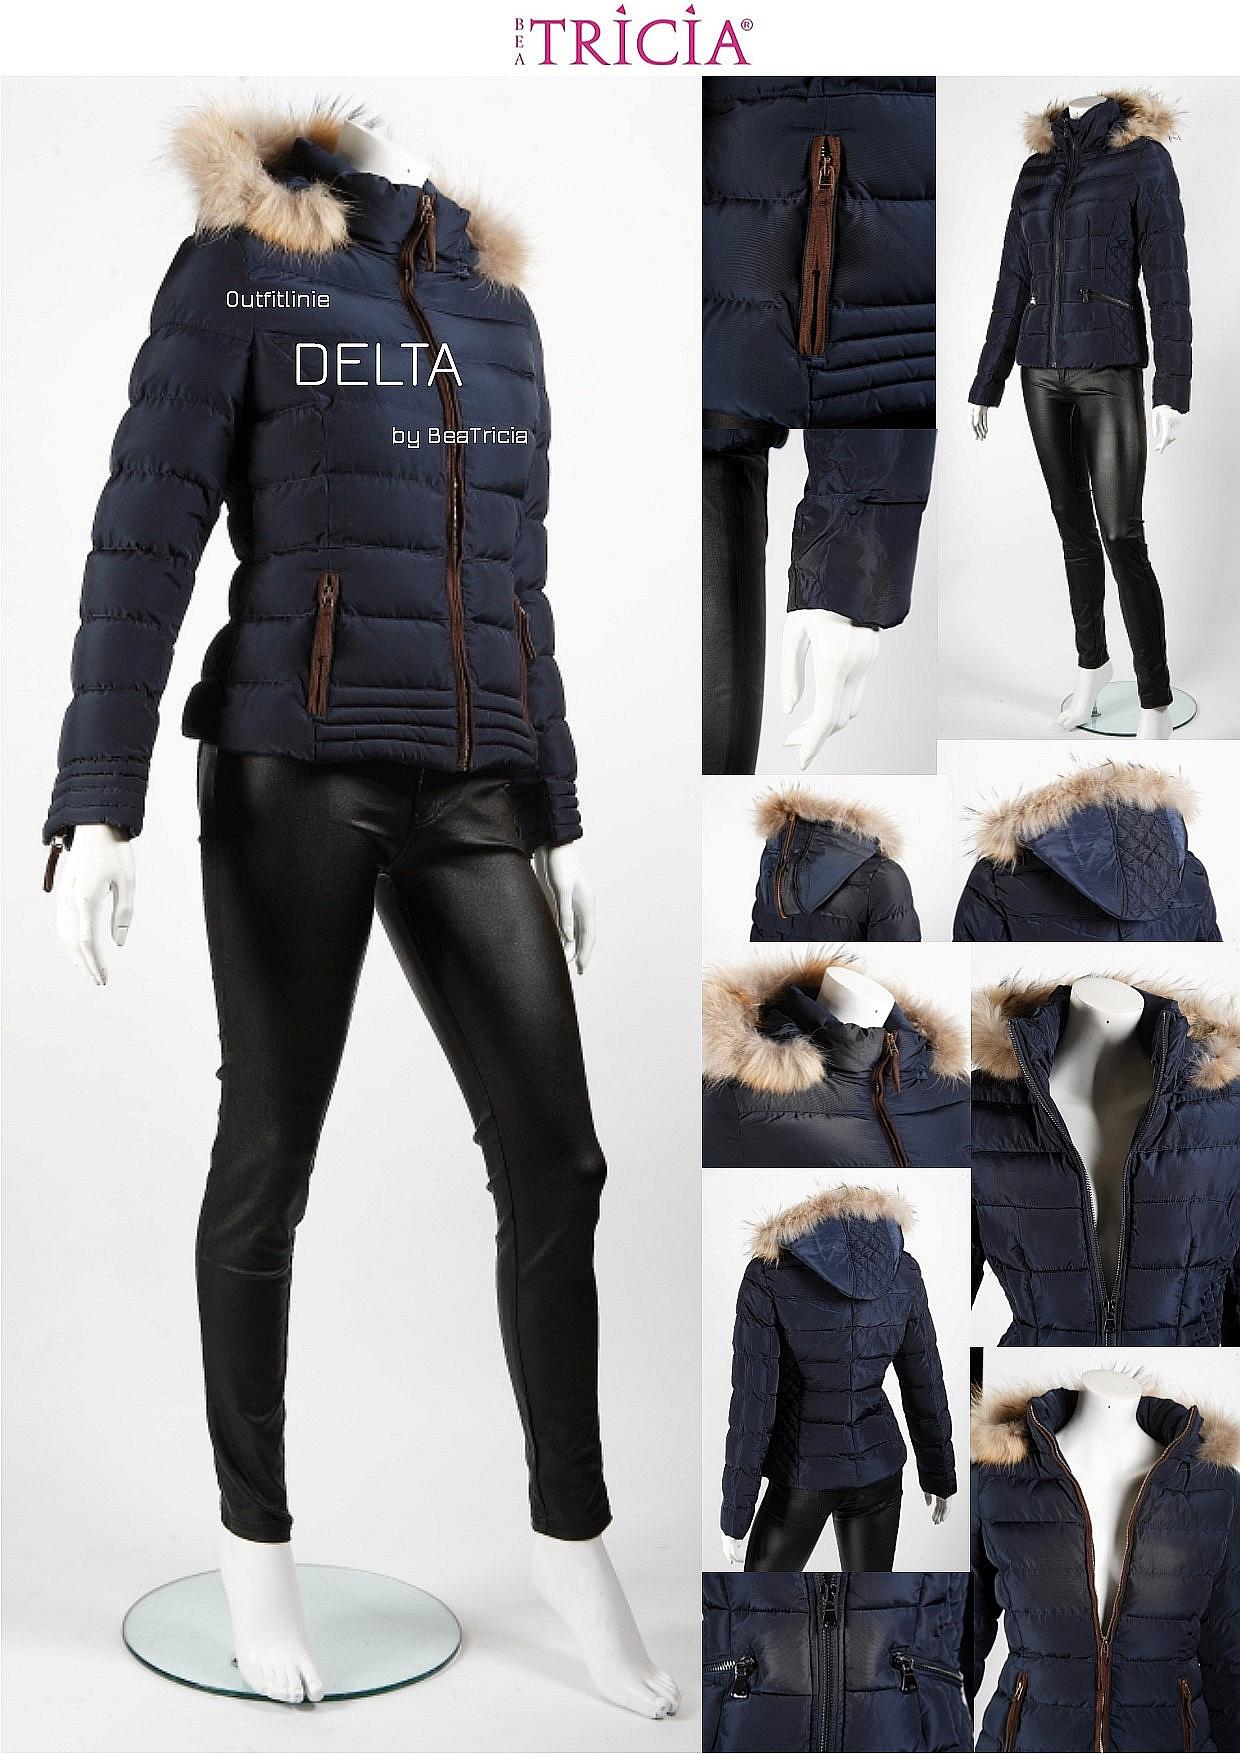 Delta_201410